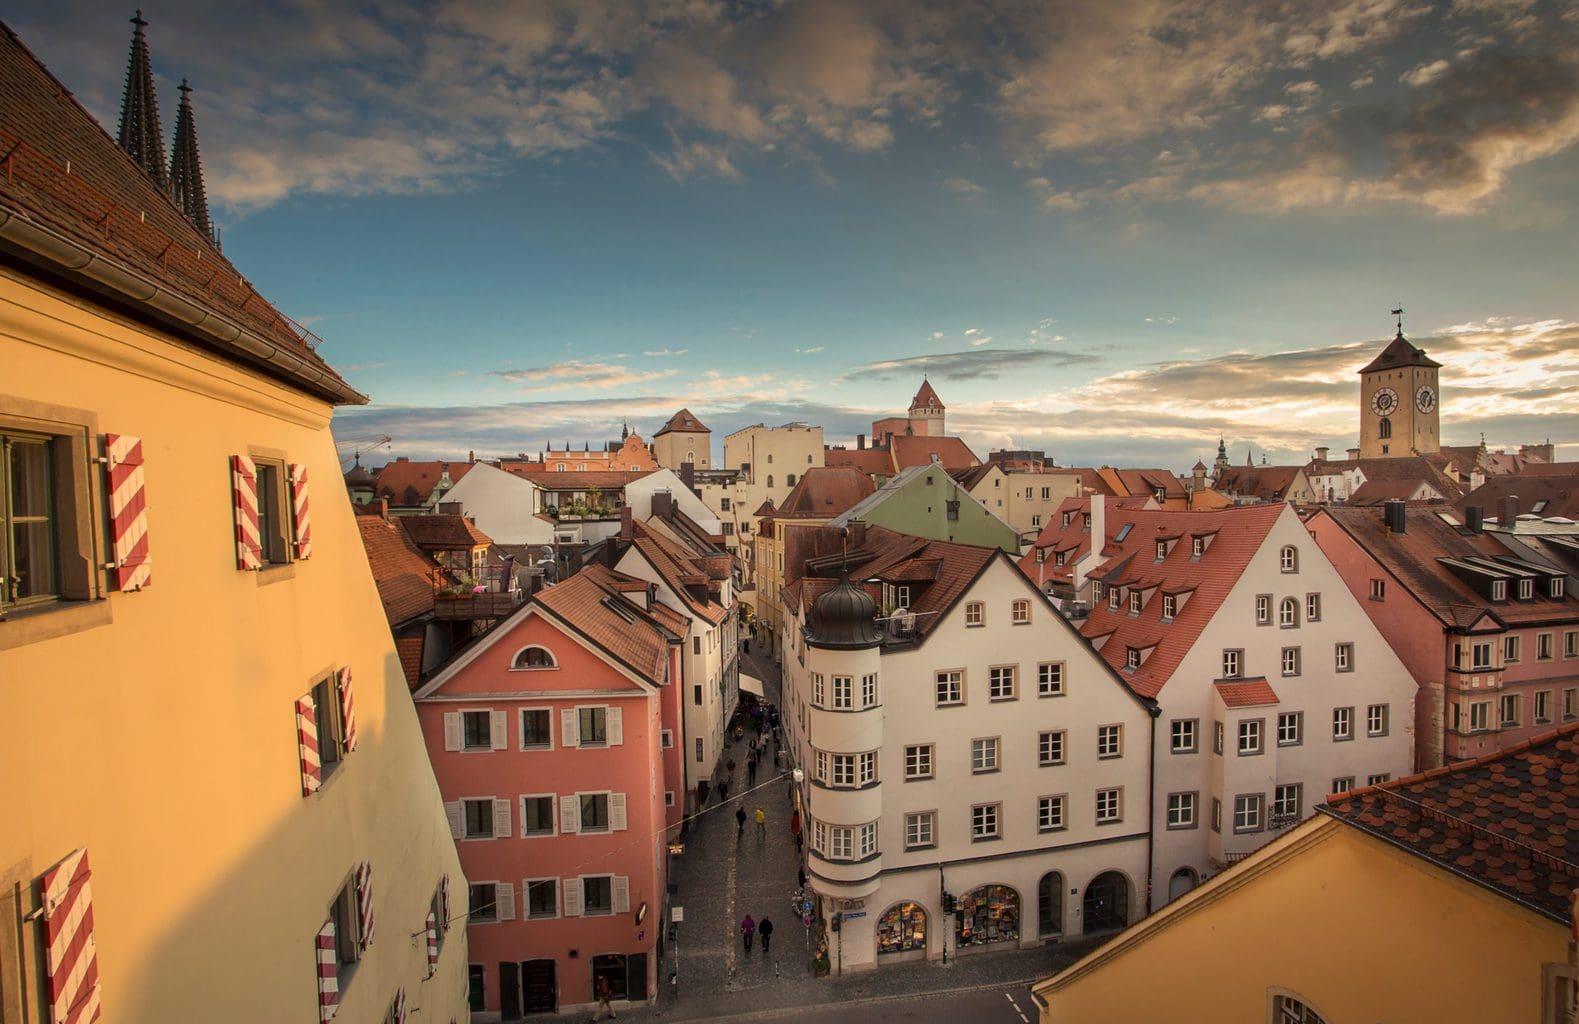 Uitzicht op de historische binnenstad waar je volop tradities in Regensburg kan vinden